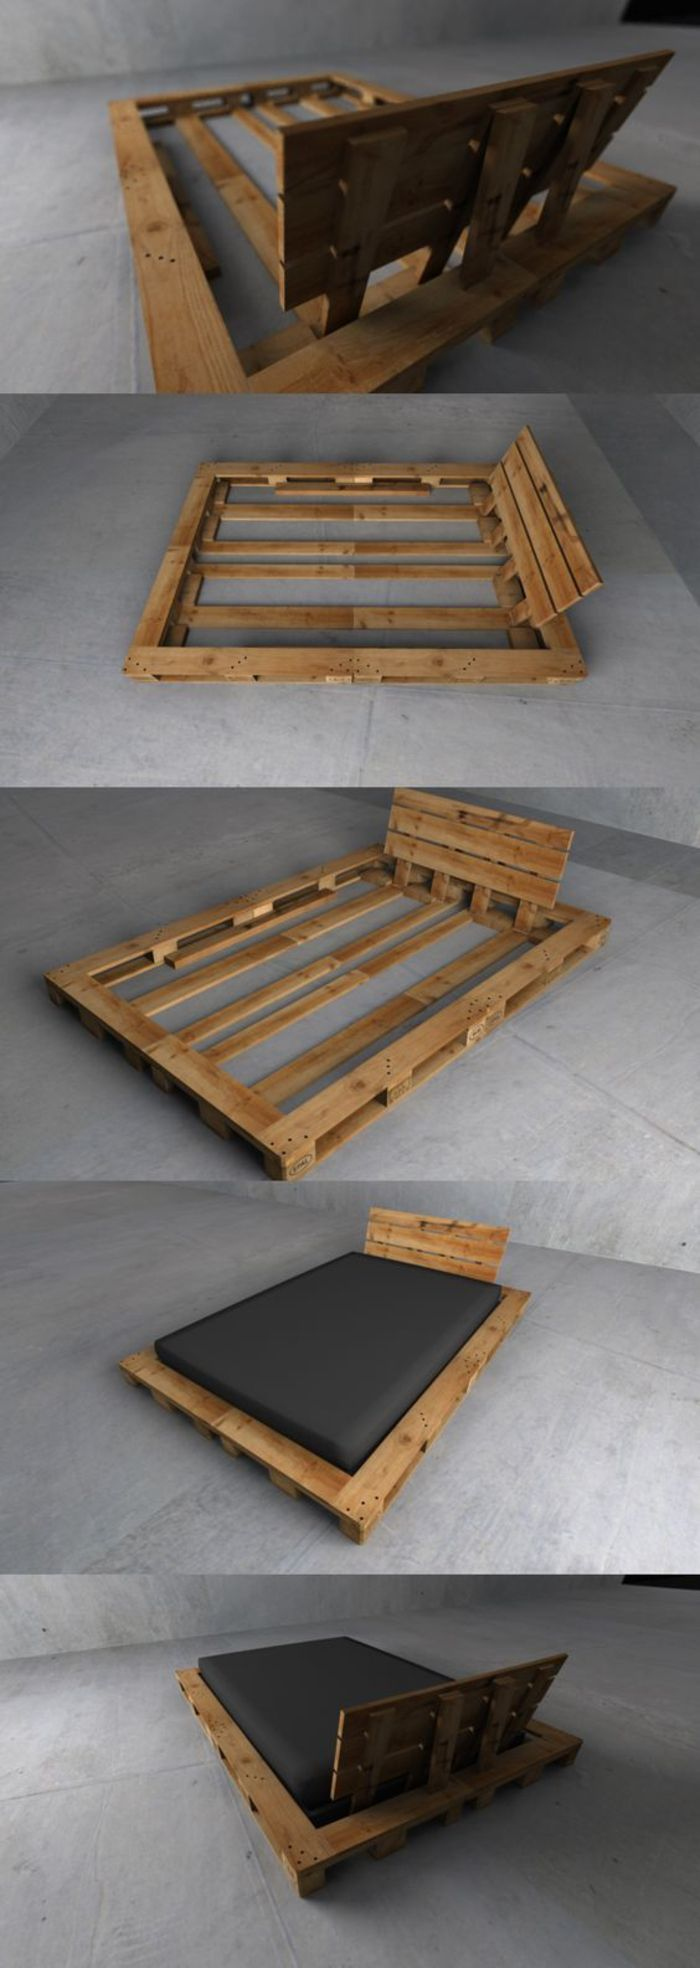 1001 id es comment fabriquer un lit avec des palettes diy pinterest lit lit en palette. Black Bedroom Furniture Sets. Home Design Ideas